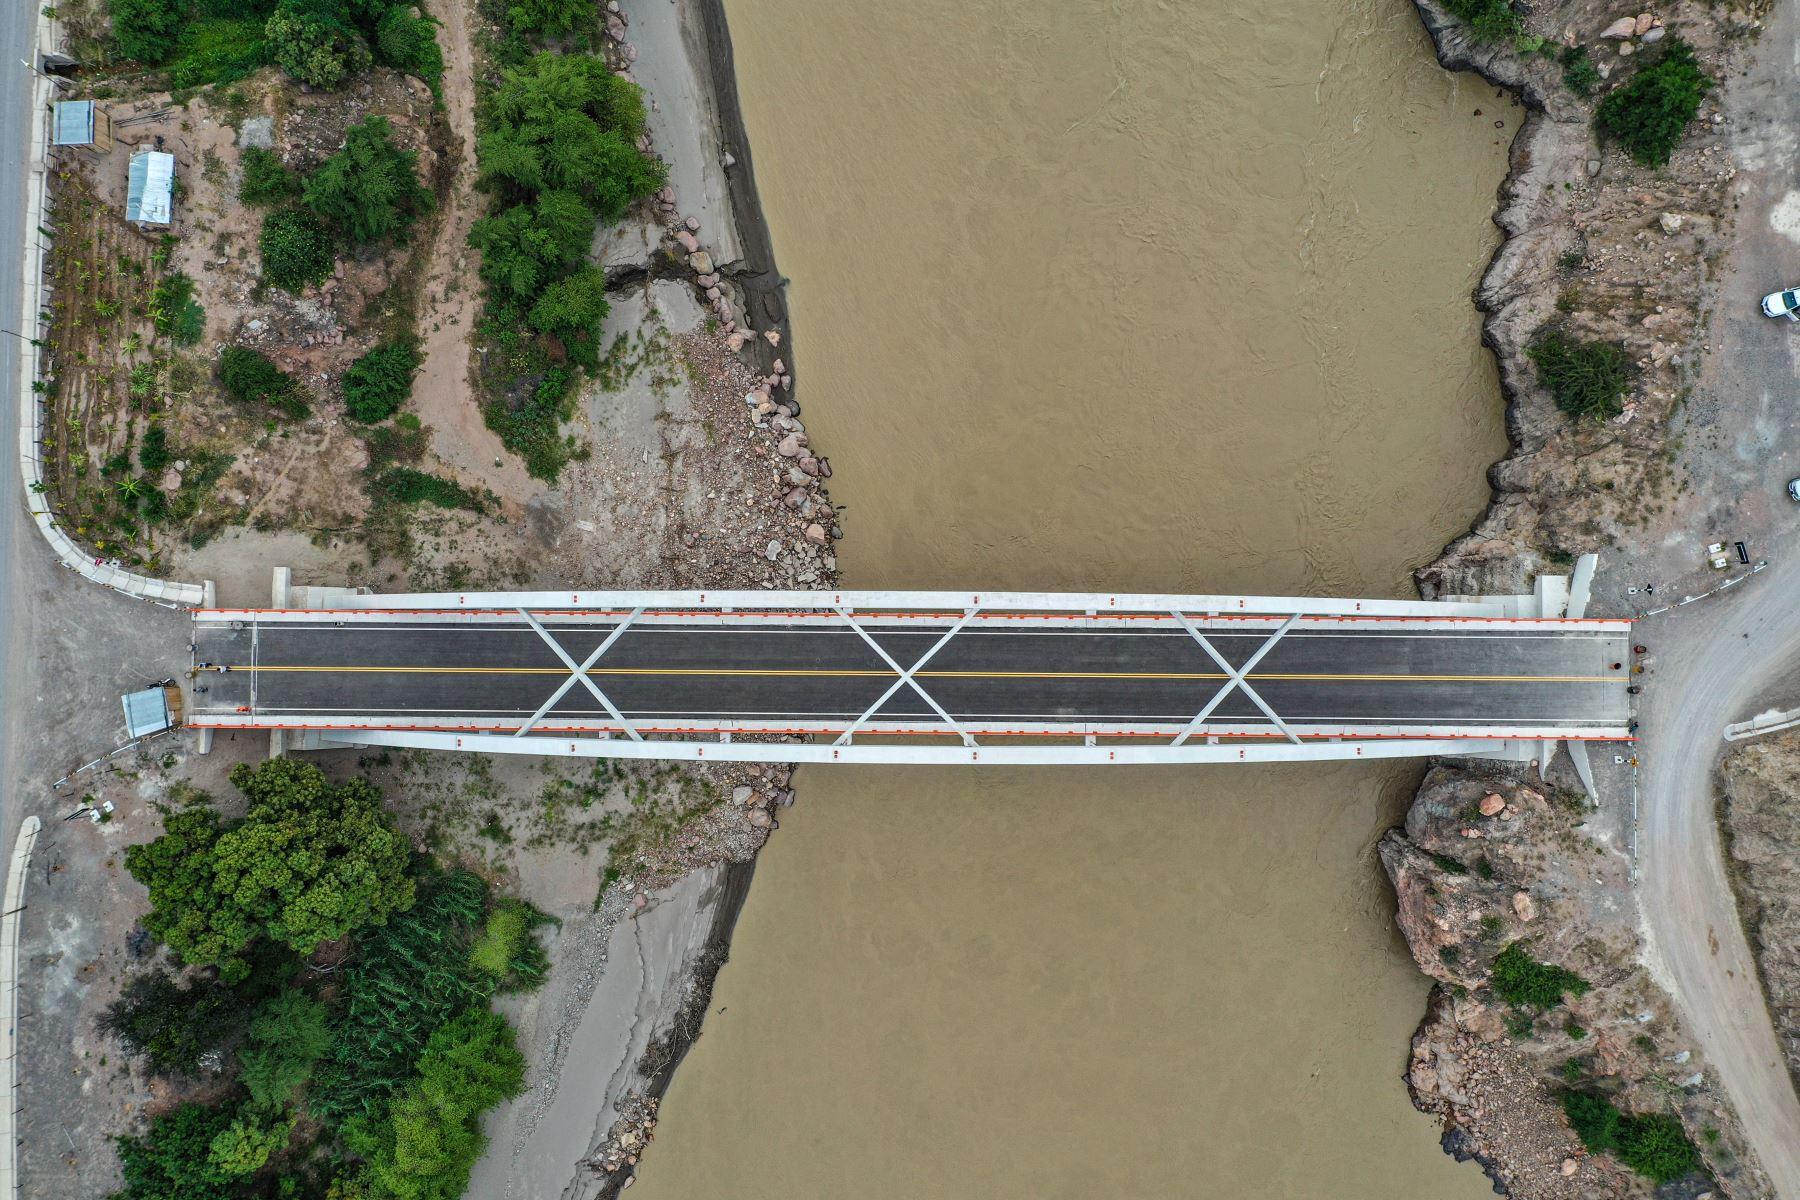 El presidente Martín Vizcarra, inaugura el puente Chacanto, que une las regiones Cajamarca y Amazonas. Foto: ANDINA/Prensa Presidencia